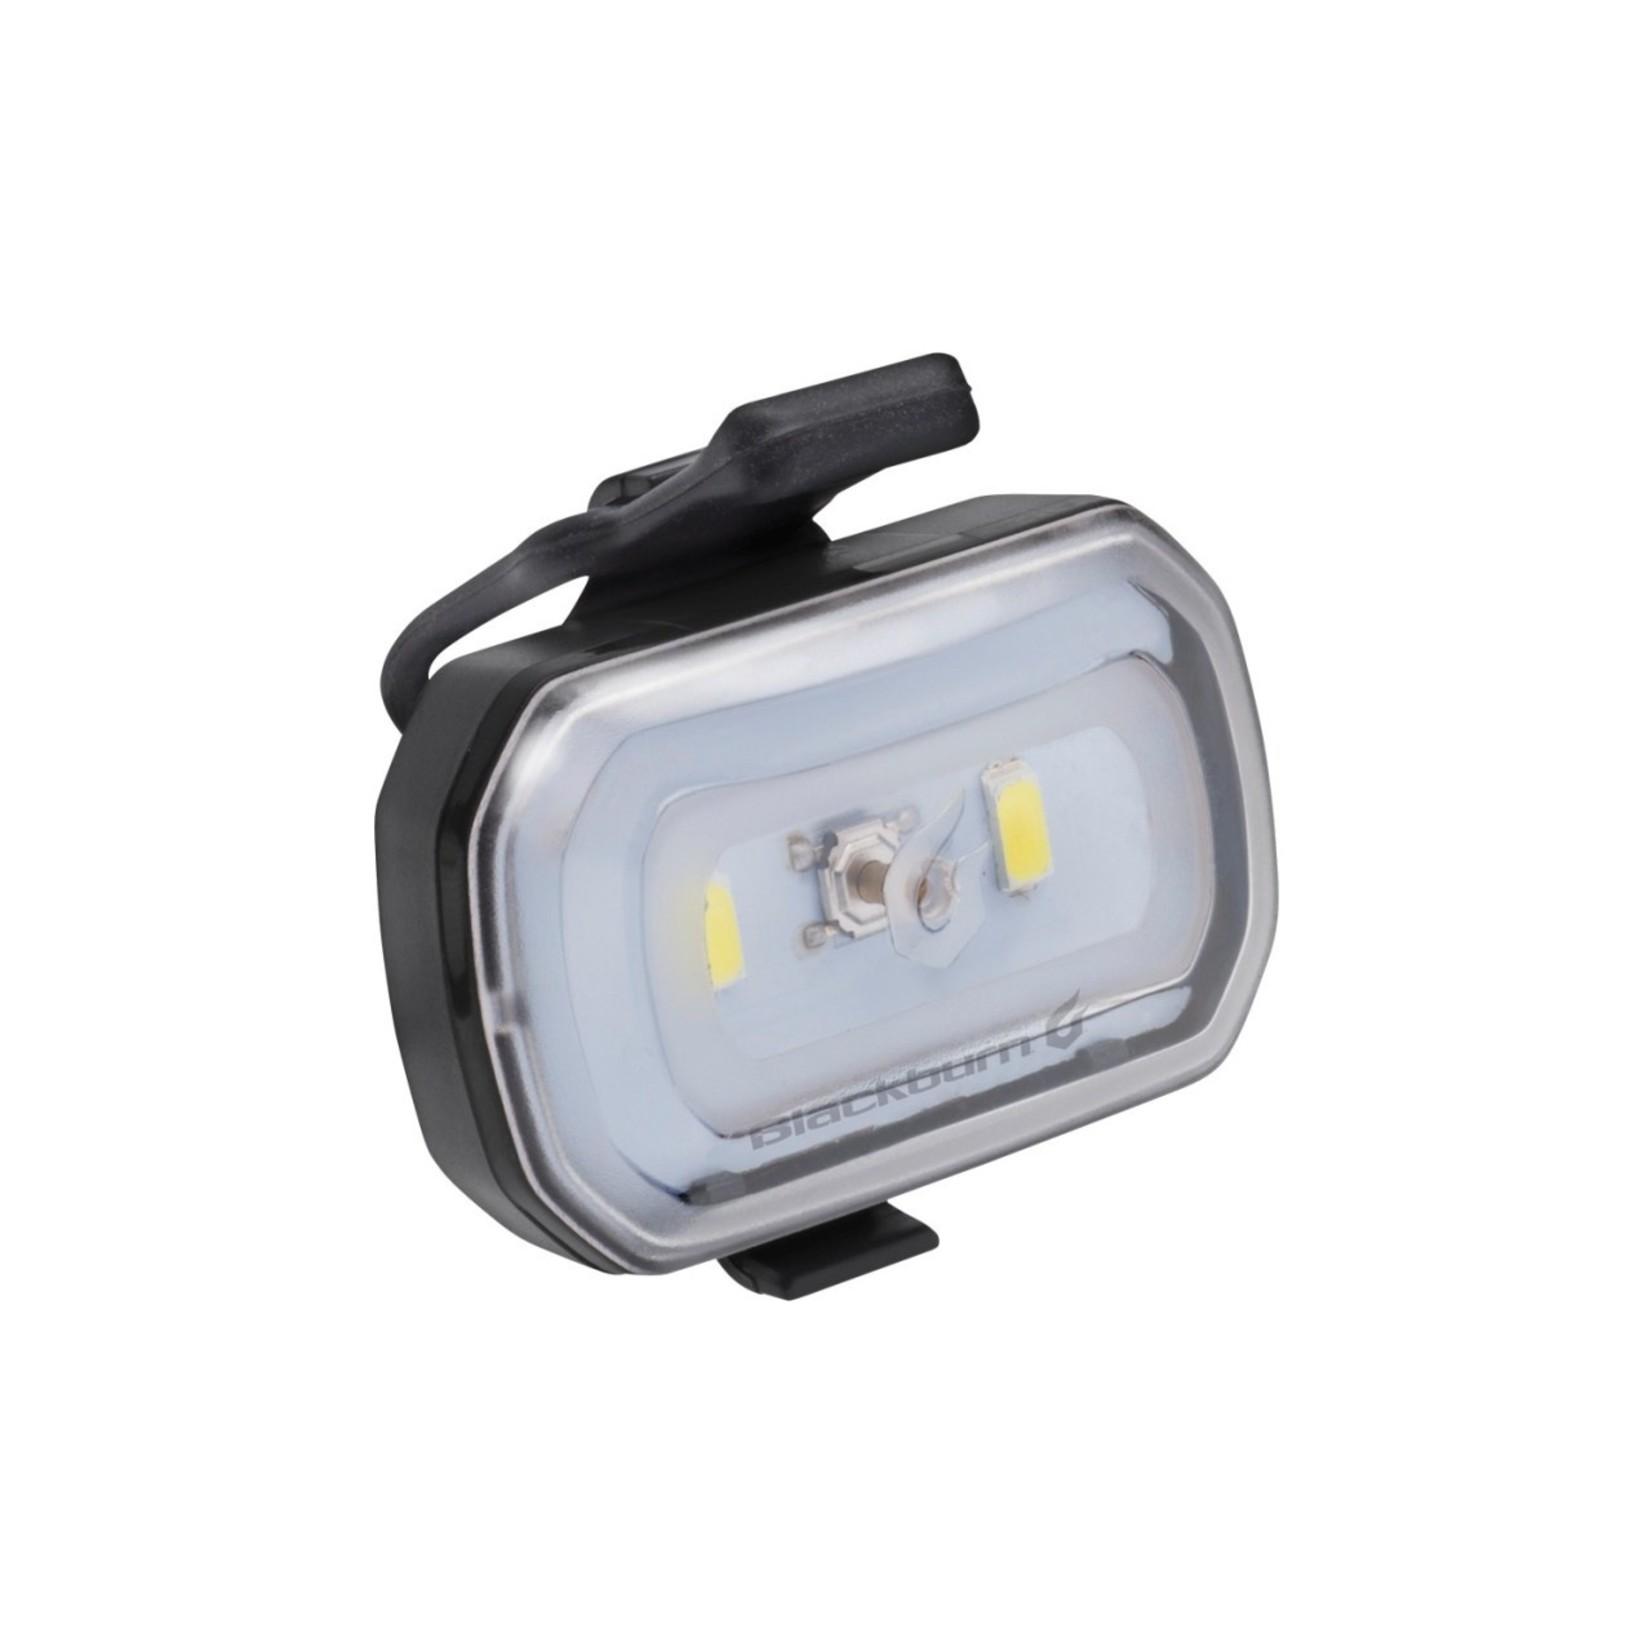 BLACKBURN Bike Lights-BlackBurn, Click USB Front light,